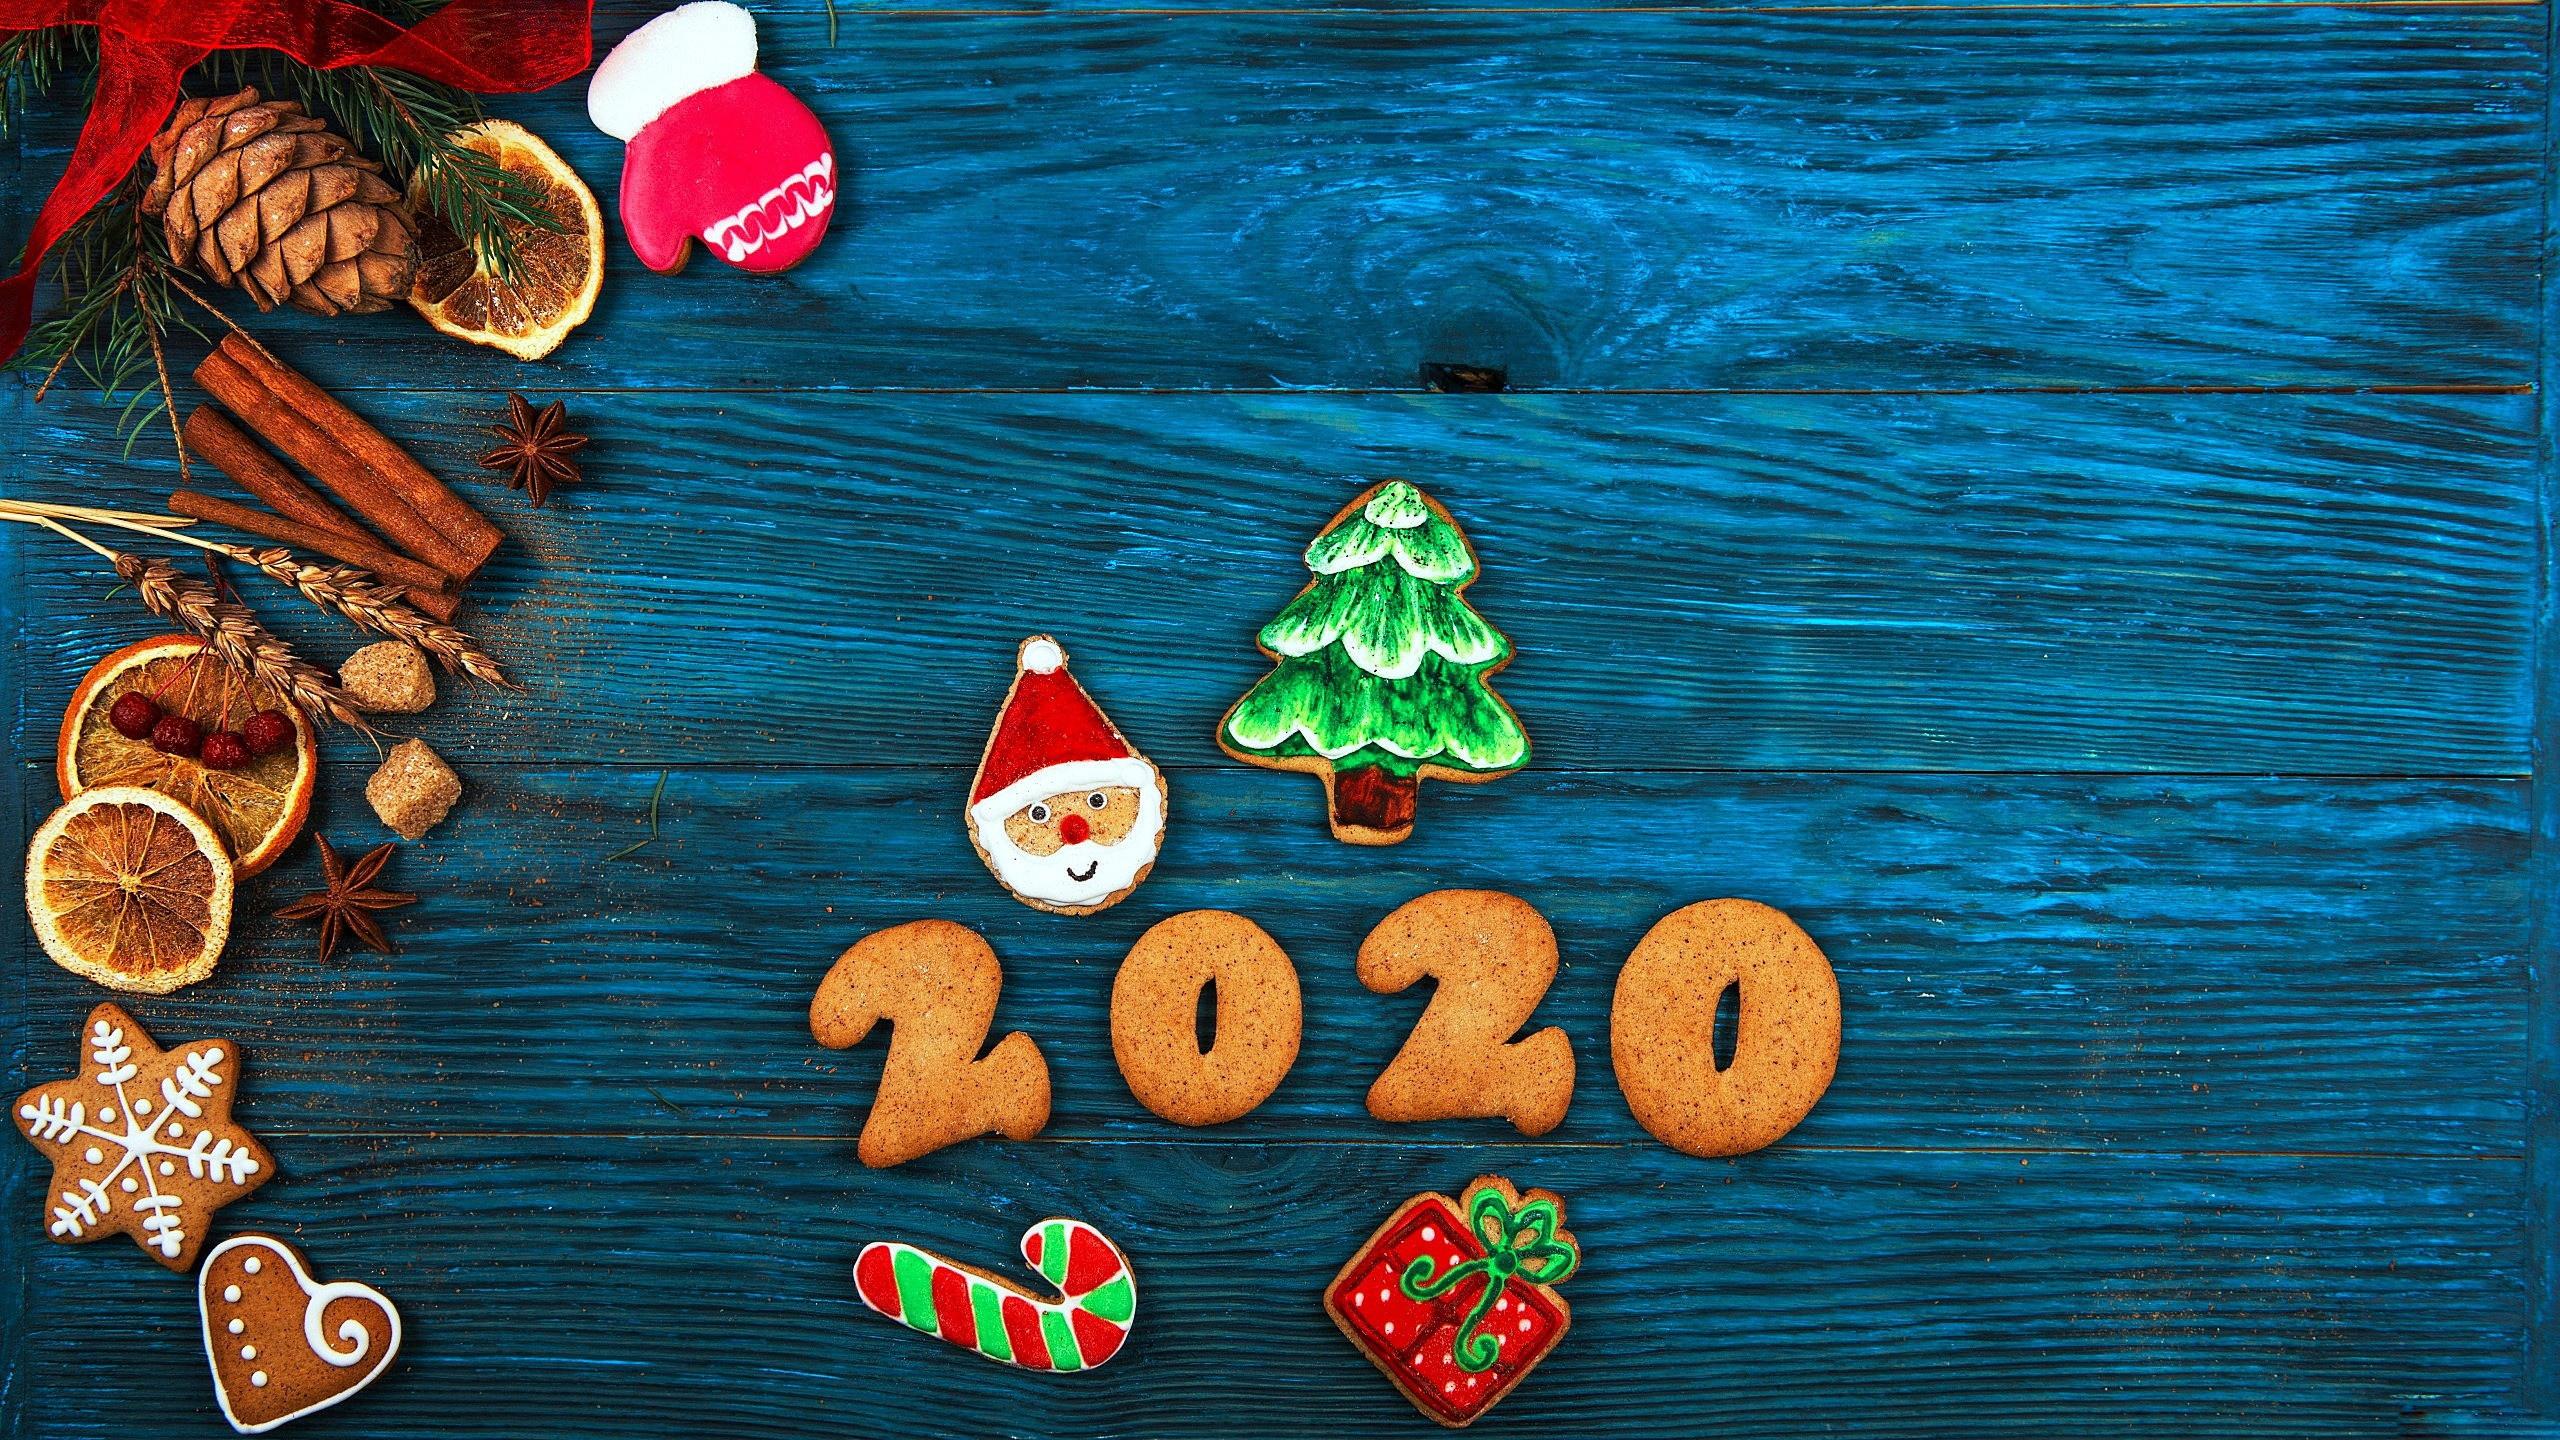 Ảnh nền năm mới 2020